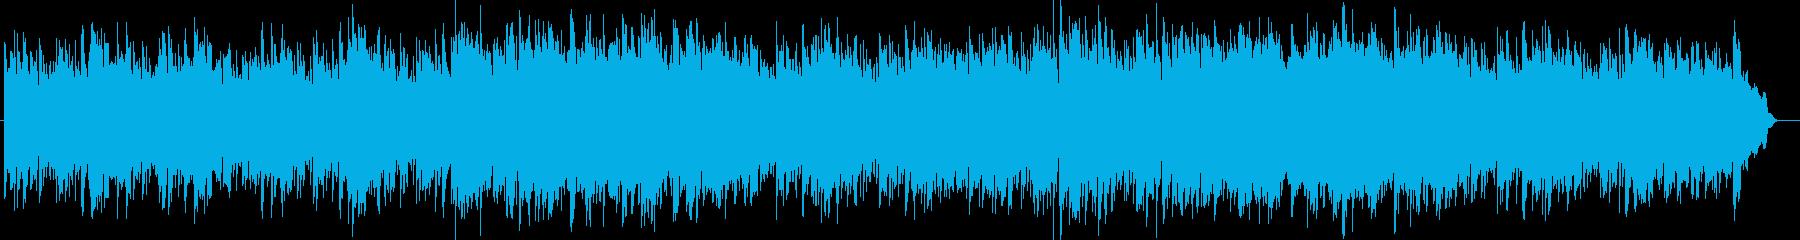 優しい風のようなピアノ楽曲_fastの再生済みの波形